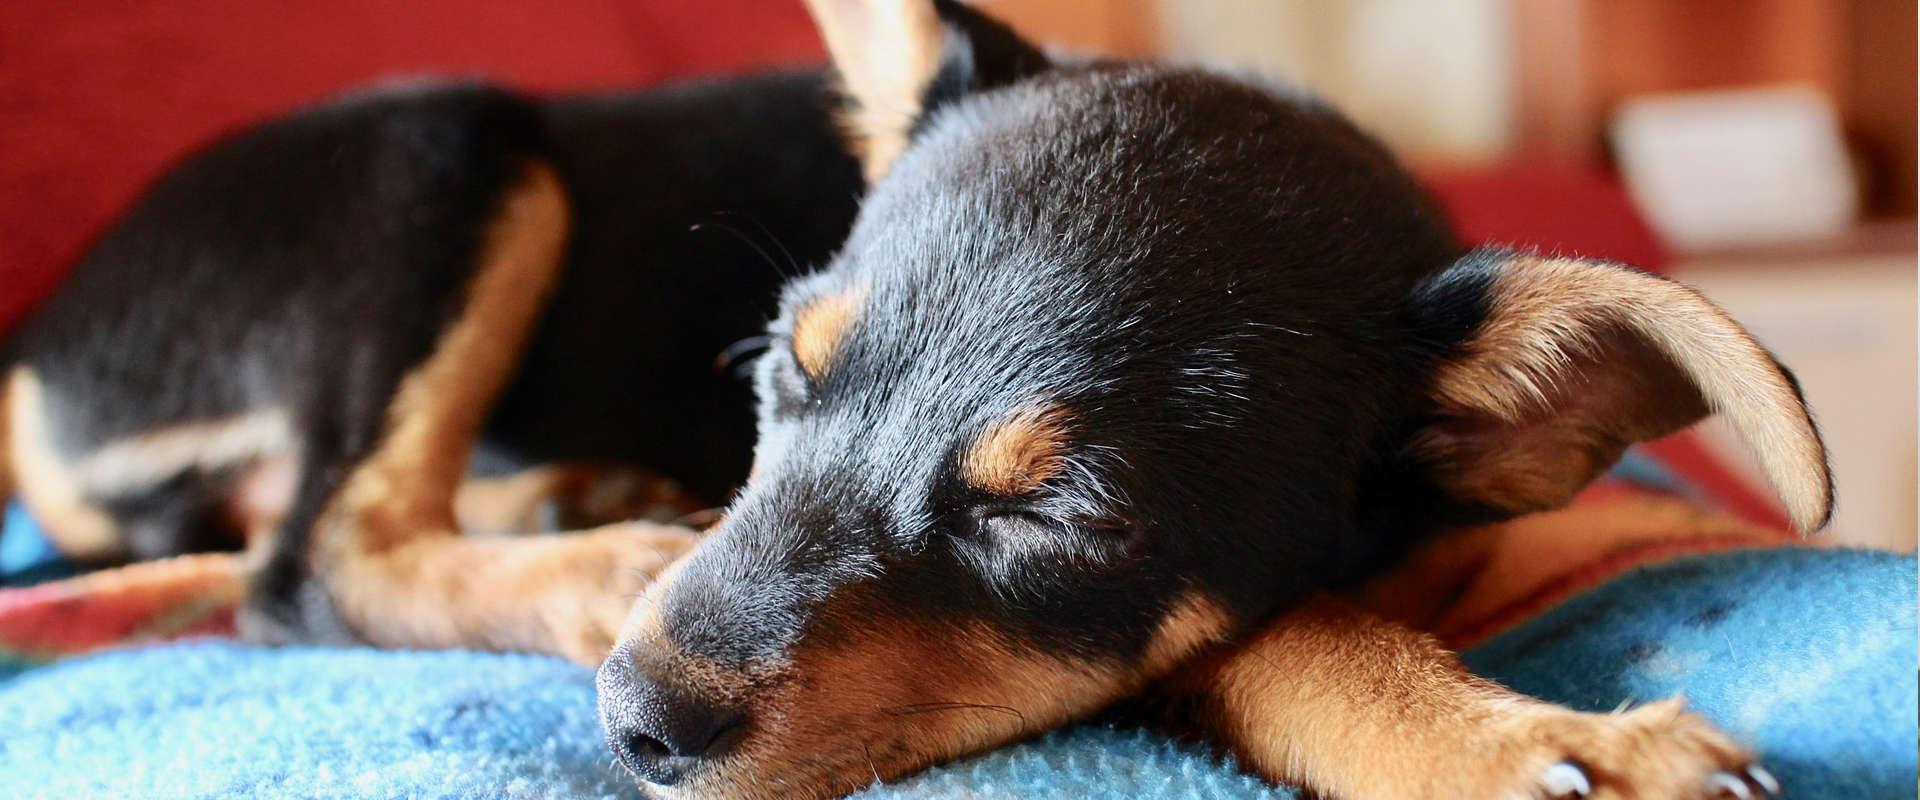 prix pour pension animaux, chat et chien garderie